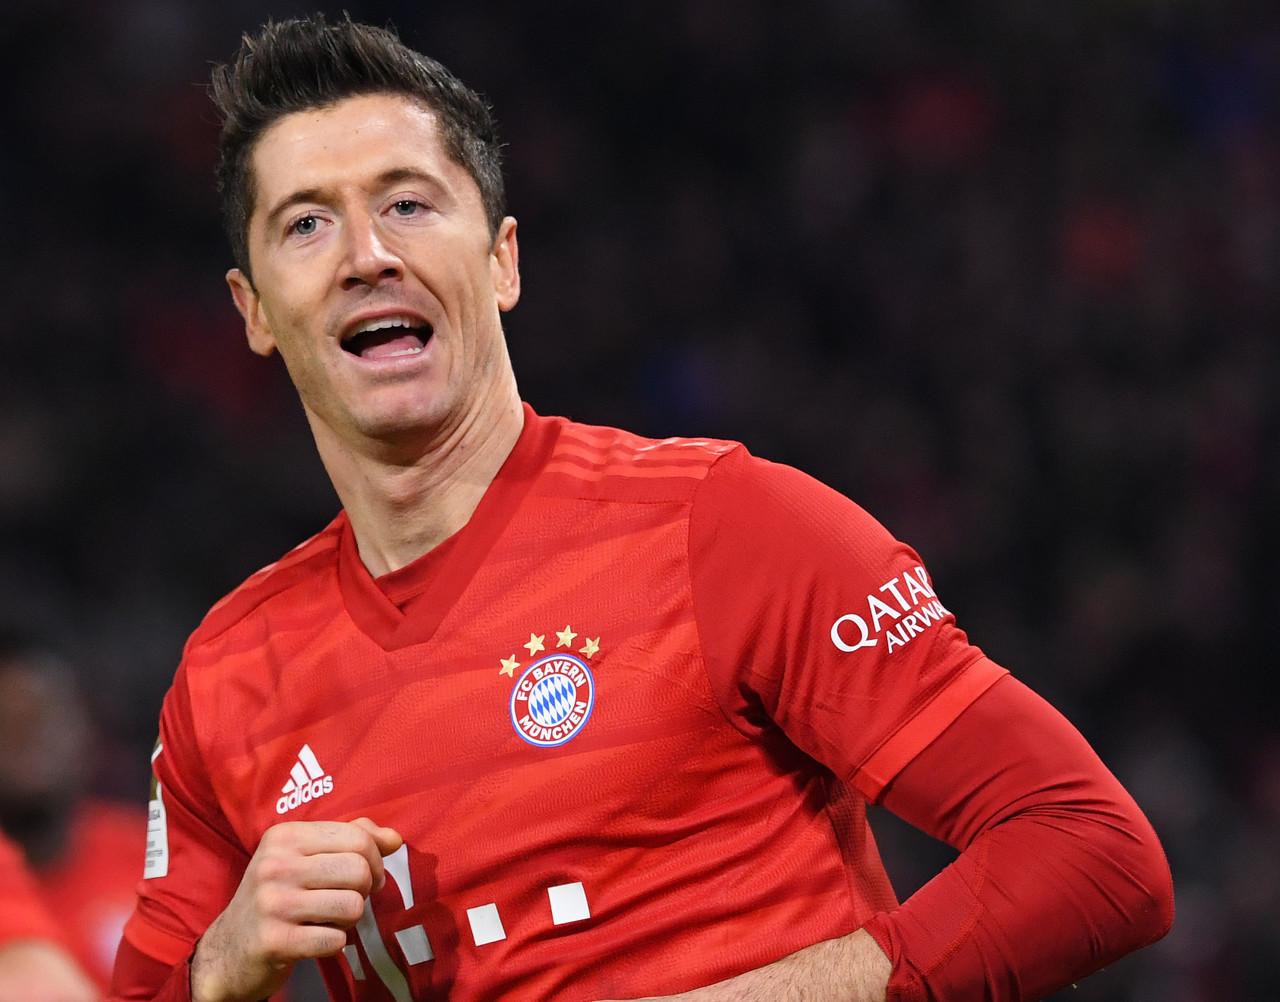 阿斯:在莱万加盟拜仁前,皇马本有时机2000万欧签下他